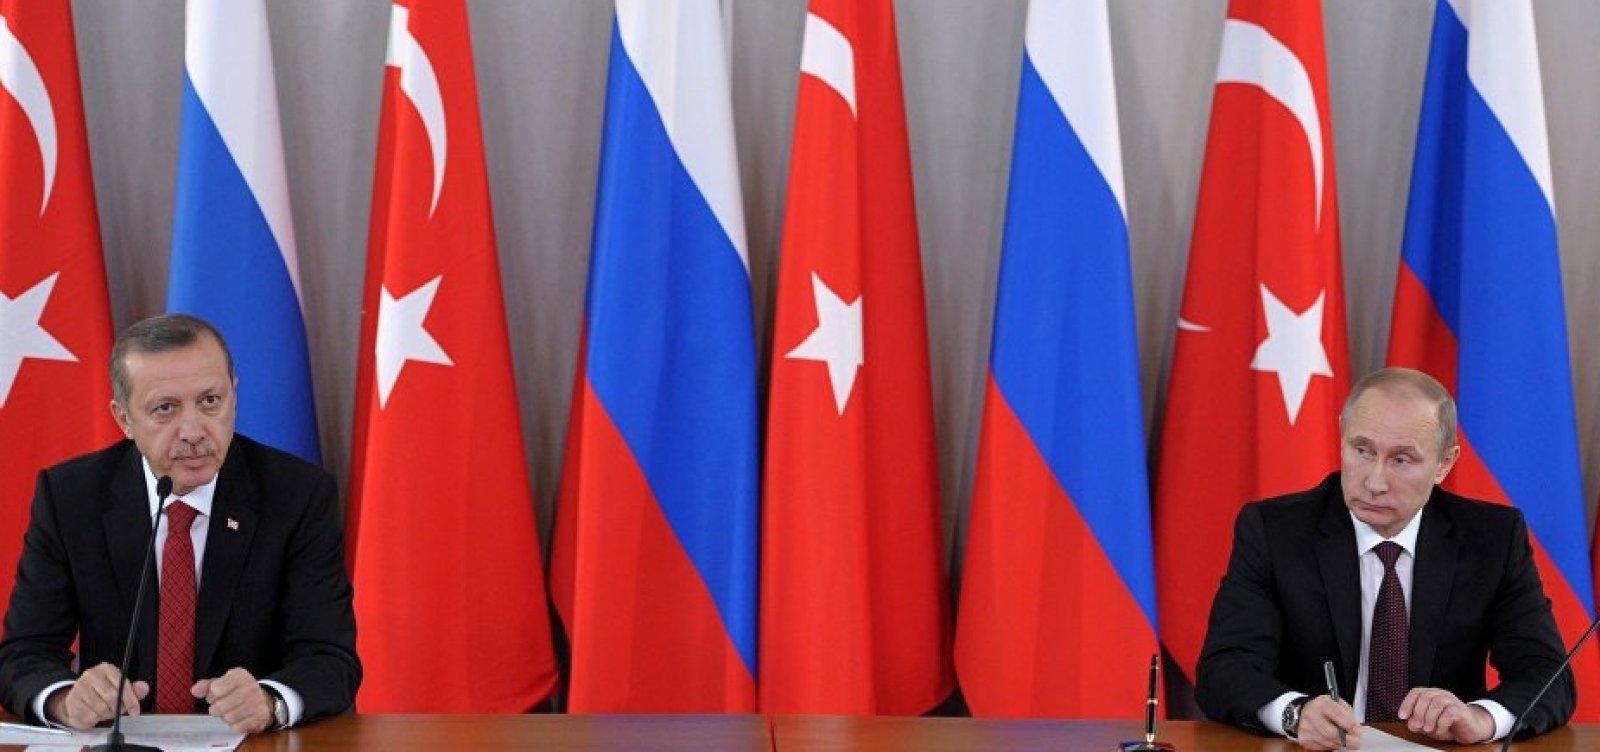 [Após saída dos EUA, Rússia e Turquia acertam coordenação na Síria]